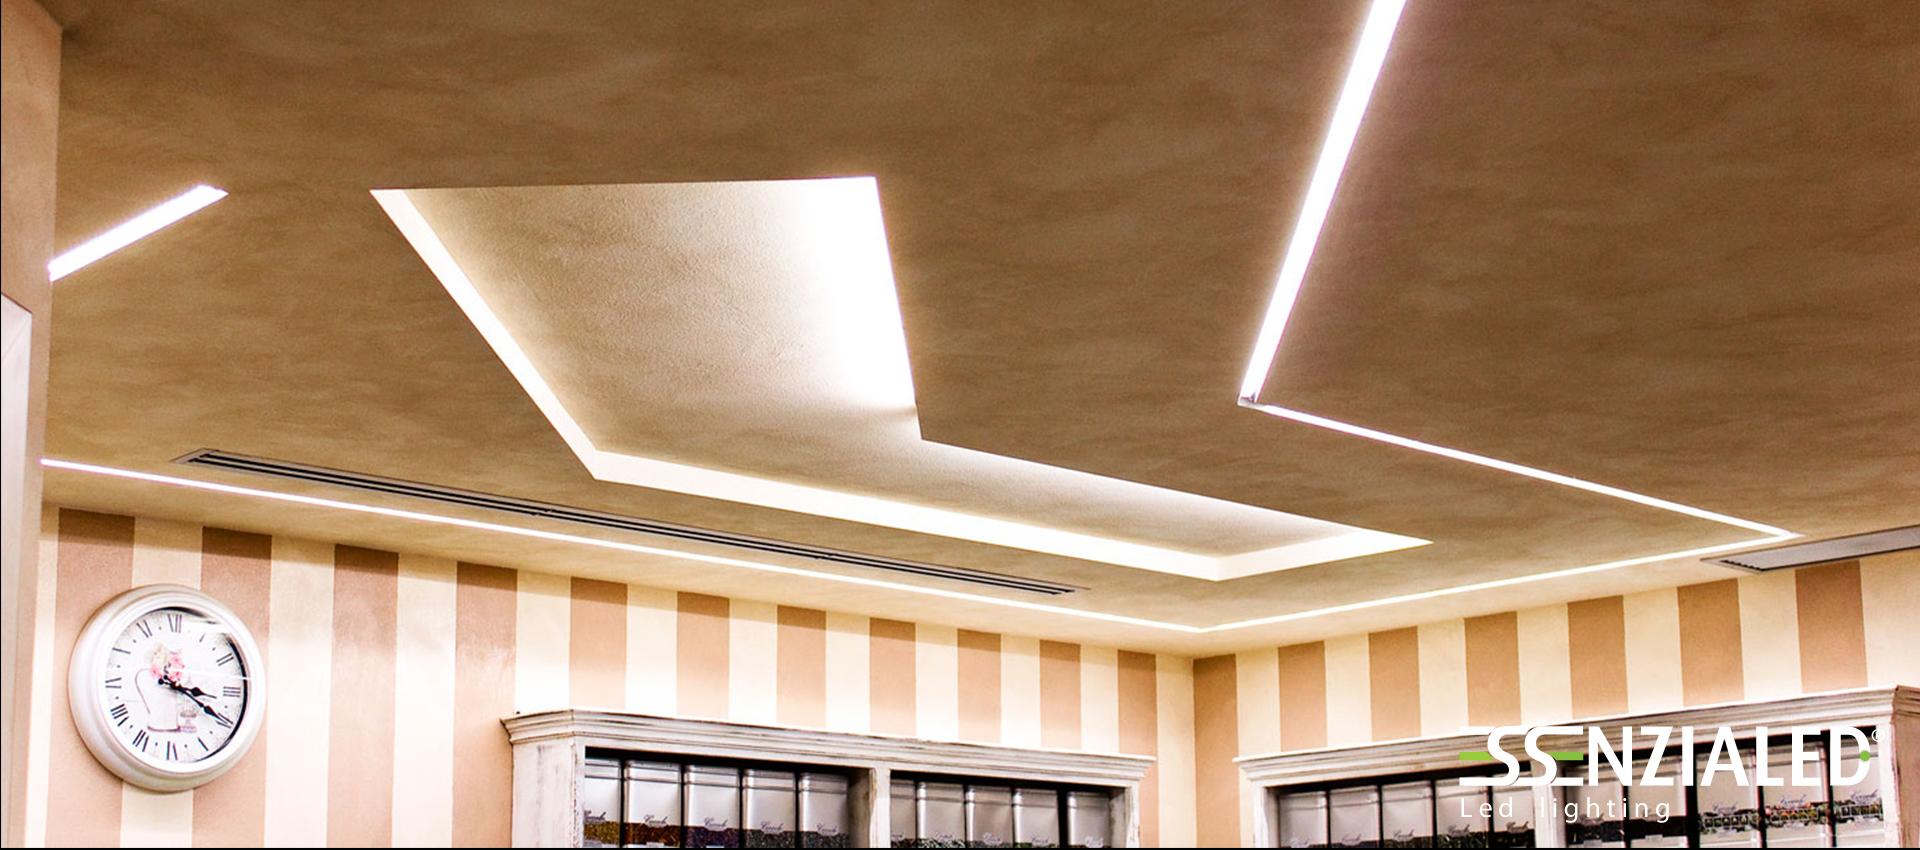 illuminazione led per ristoranti e bar